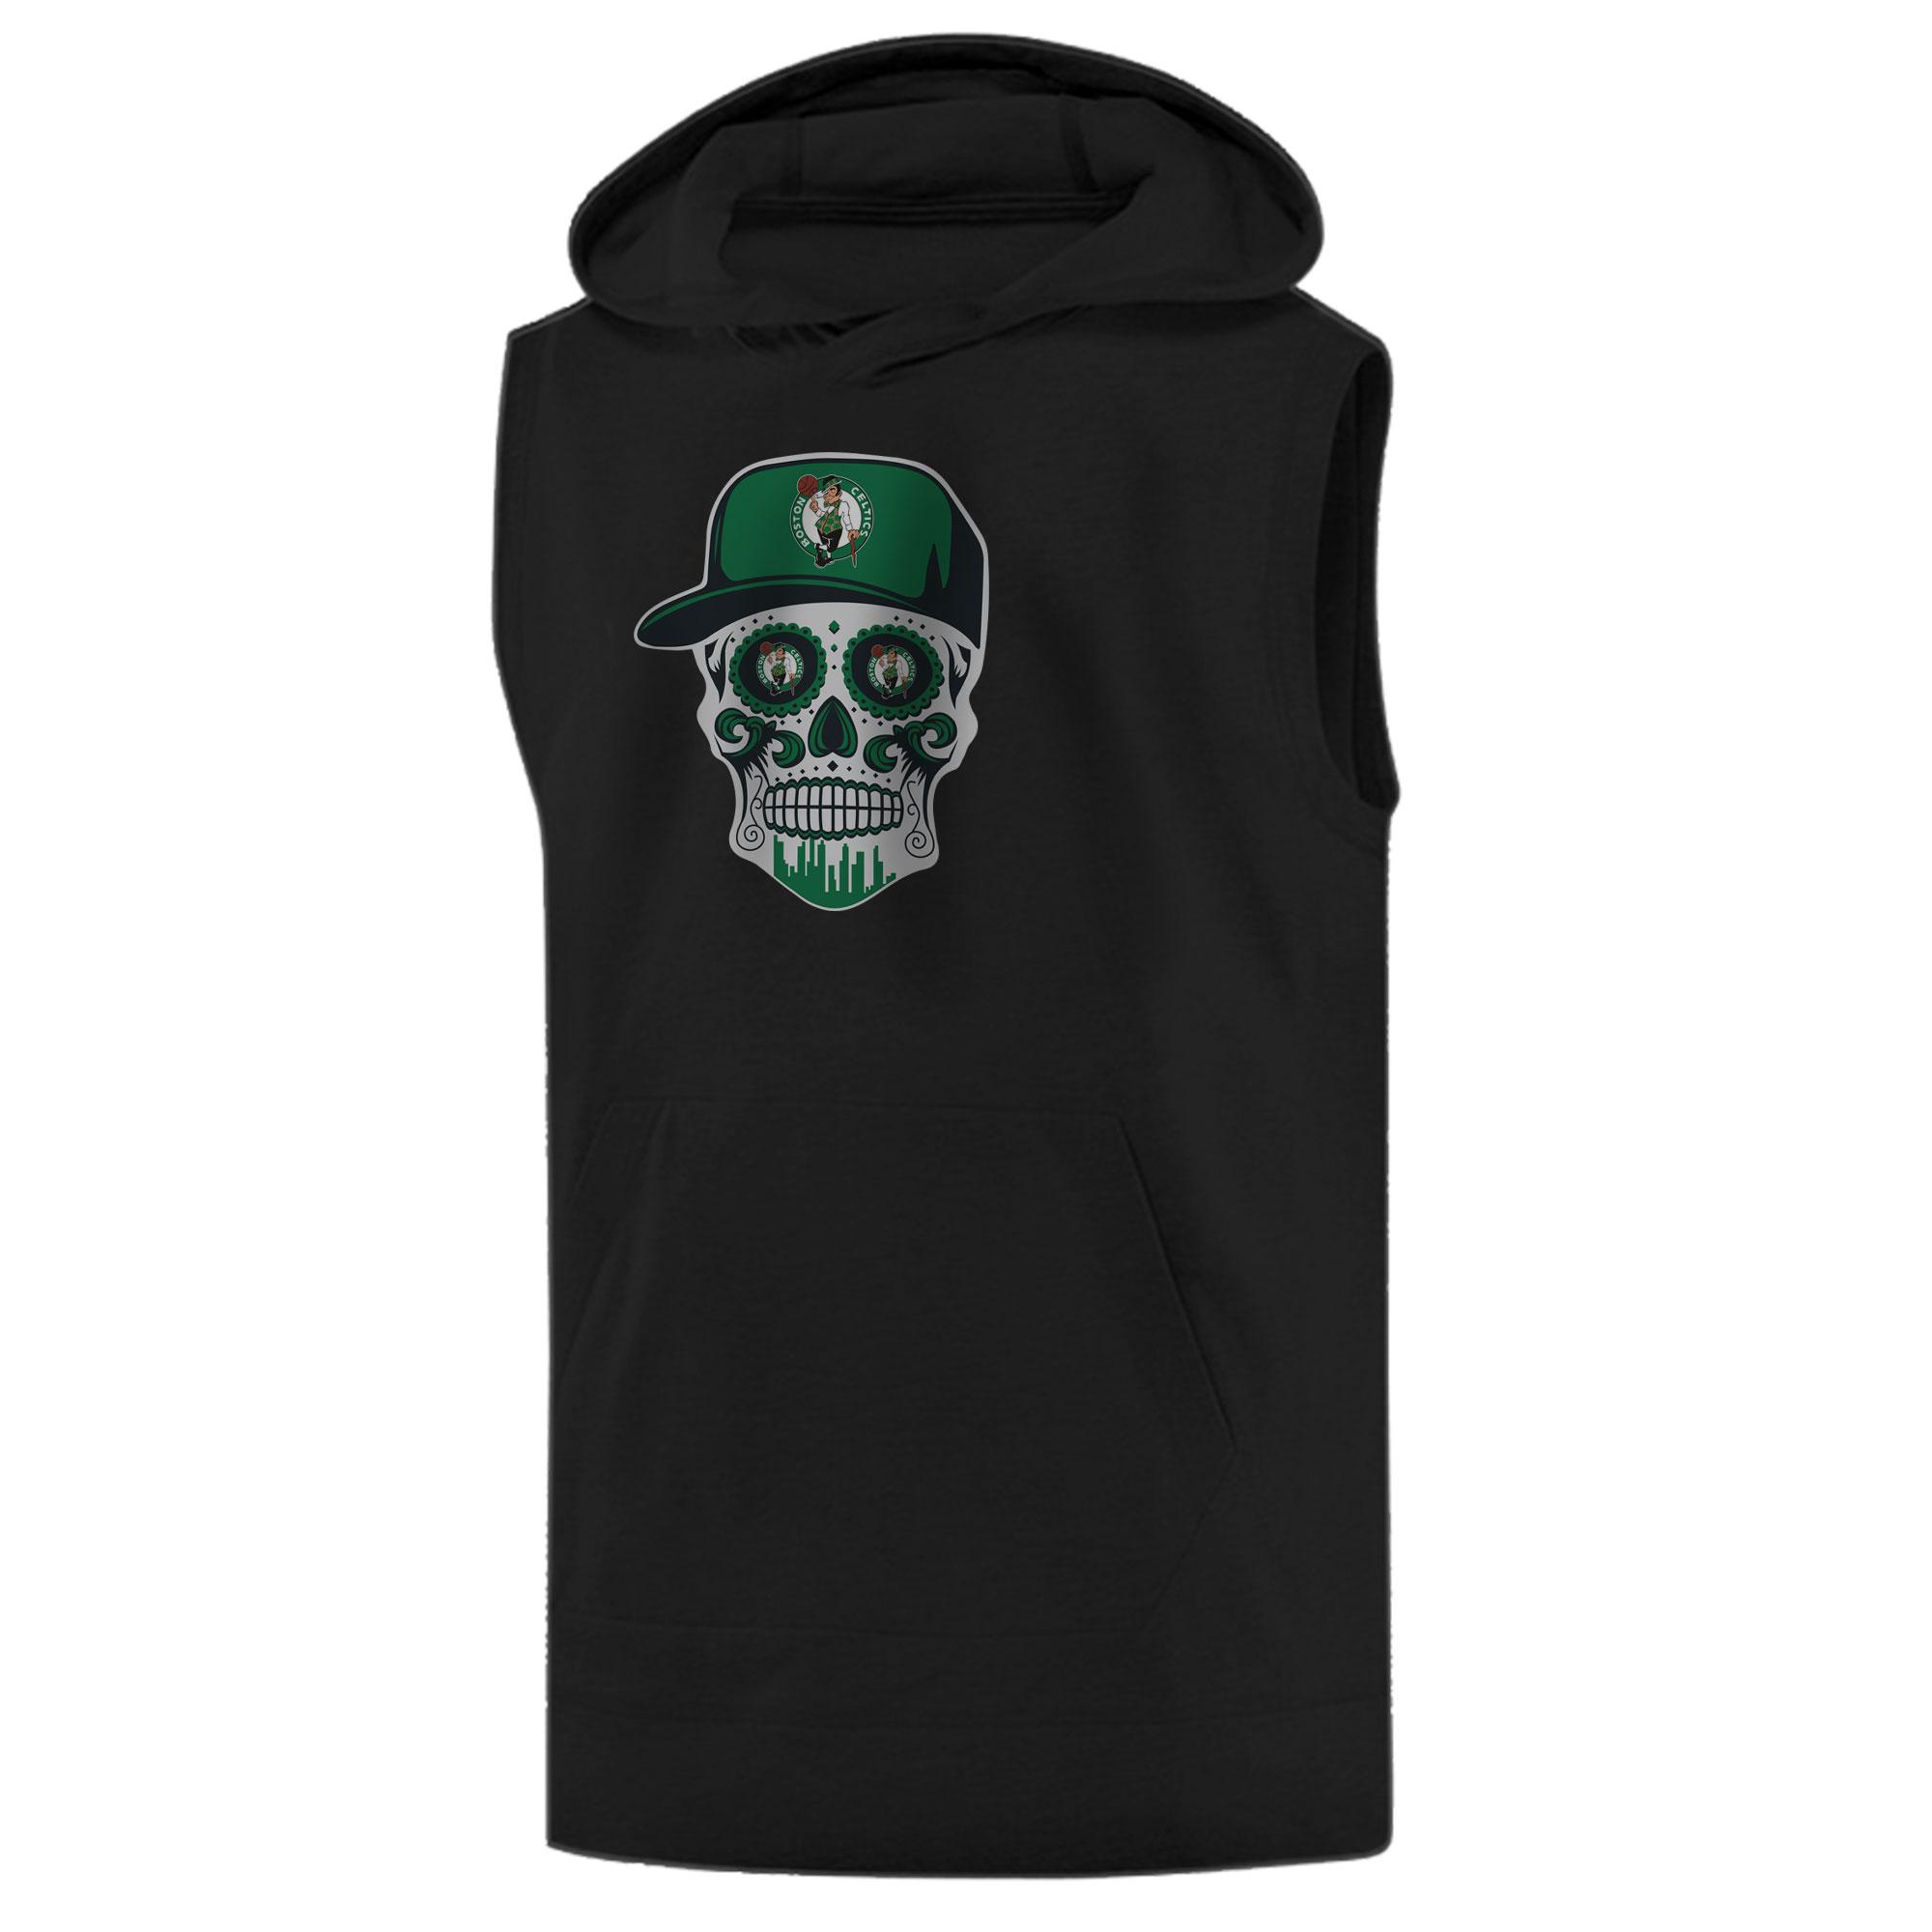 Celtics Skull  Sleeveless (KLS-BLC-NP-448-NBA-BSTN-SKULL)